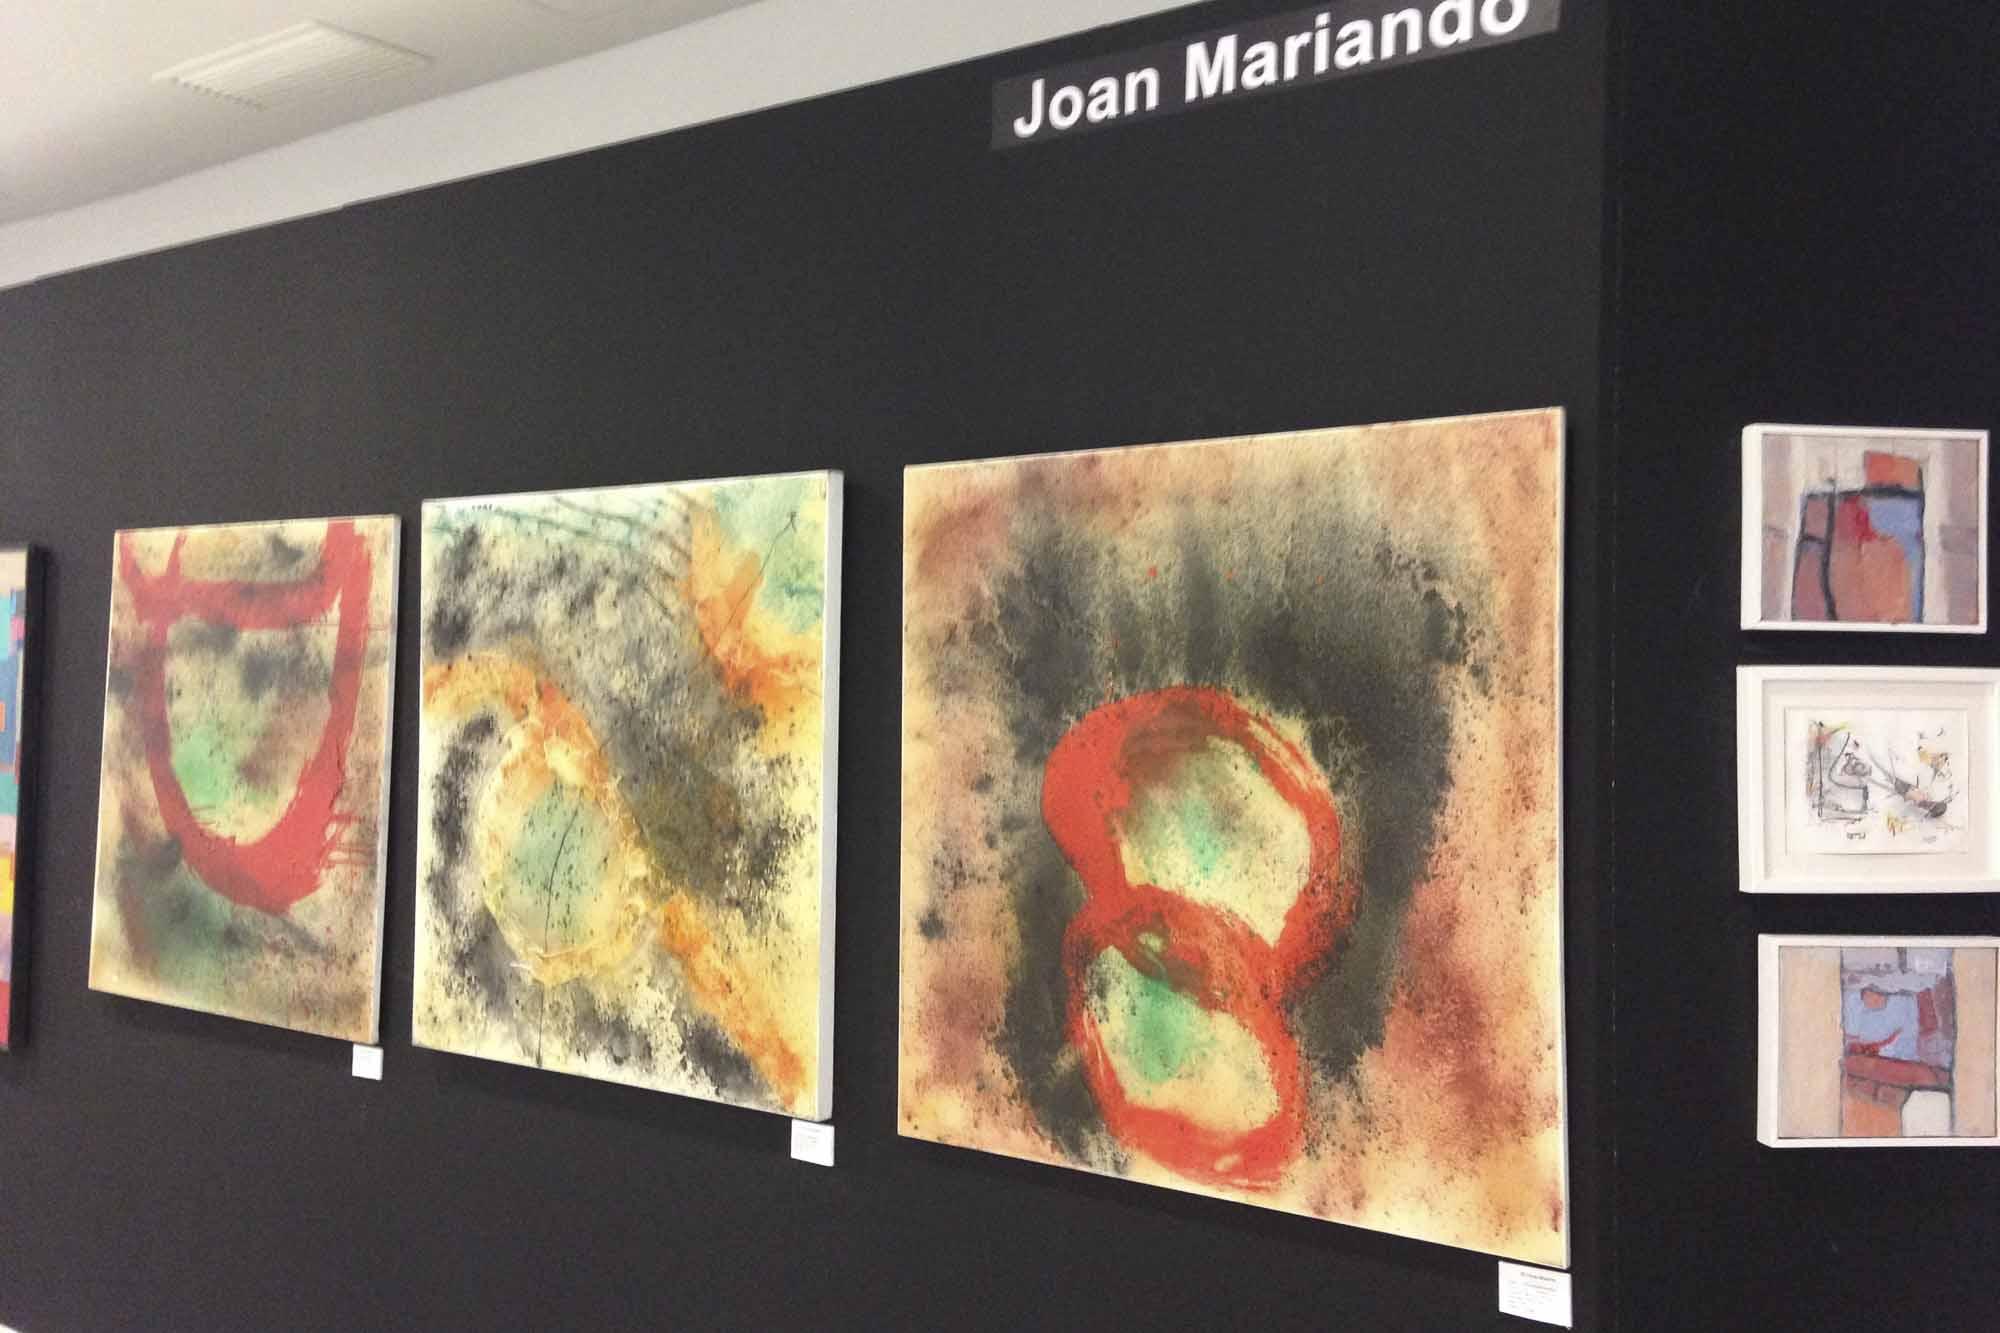 Joan Mariando